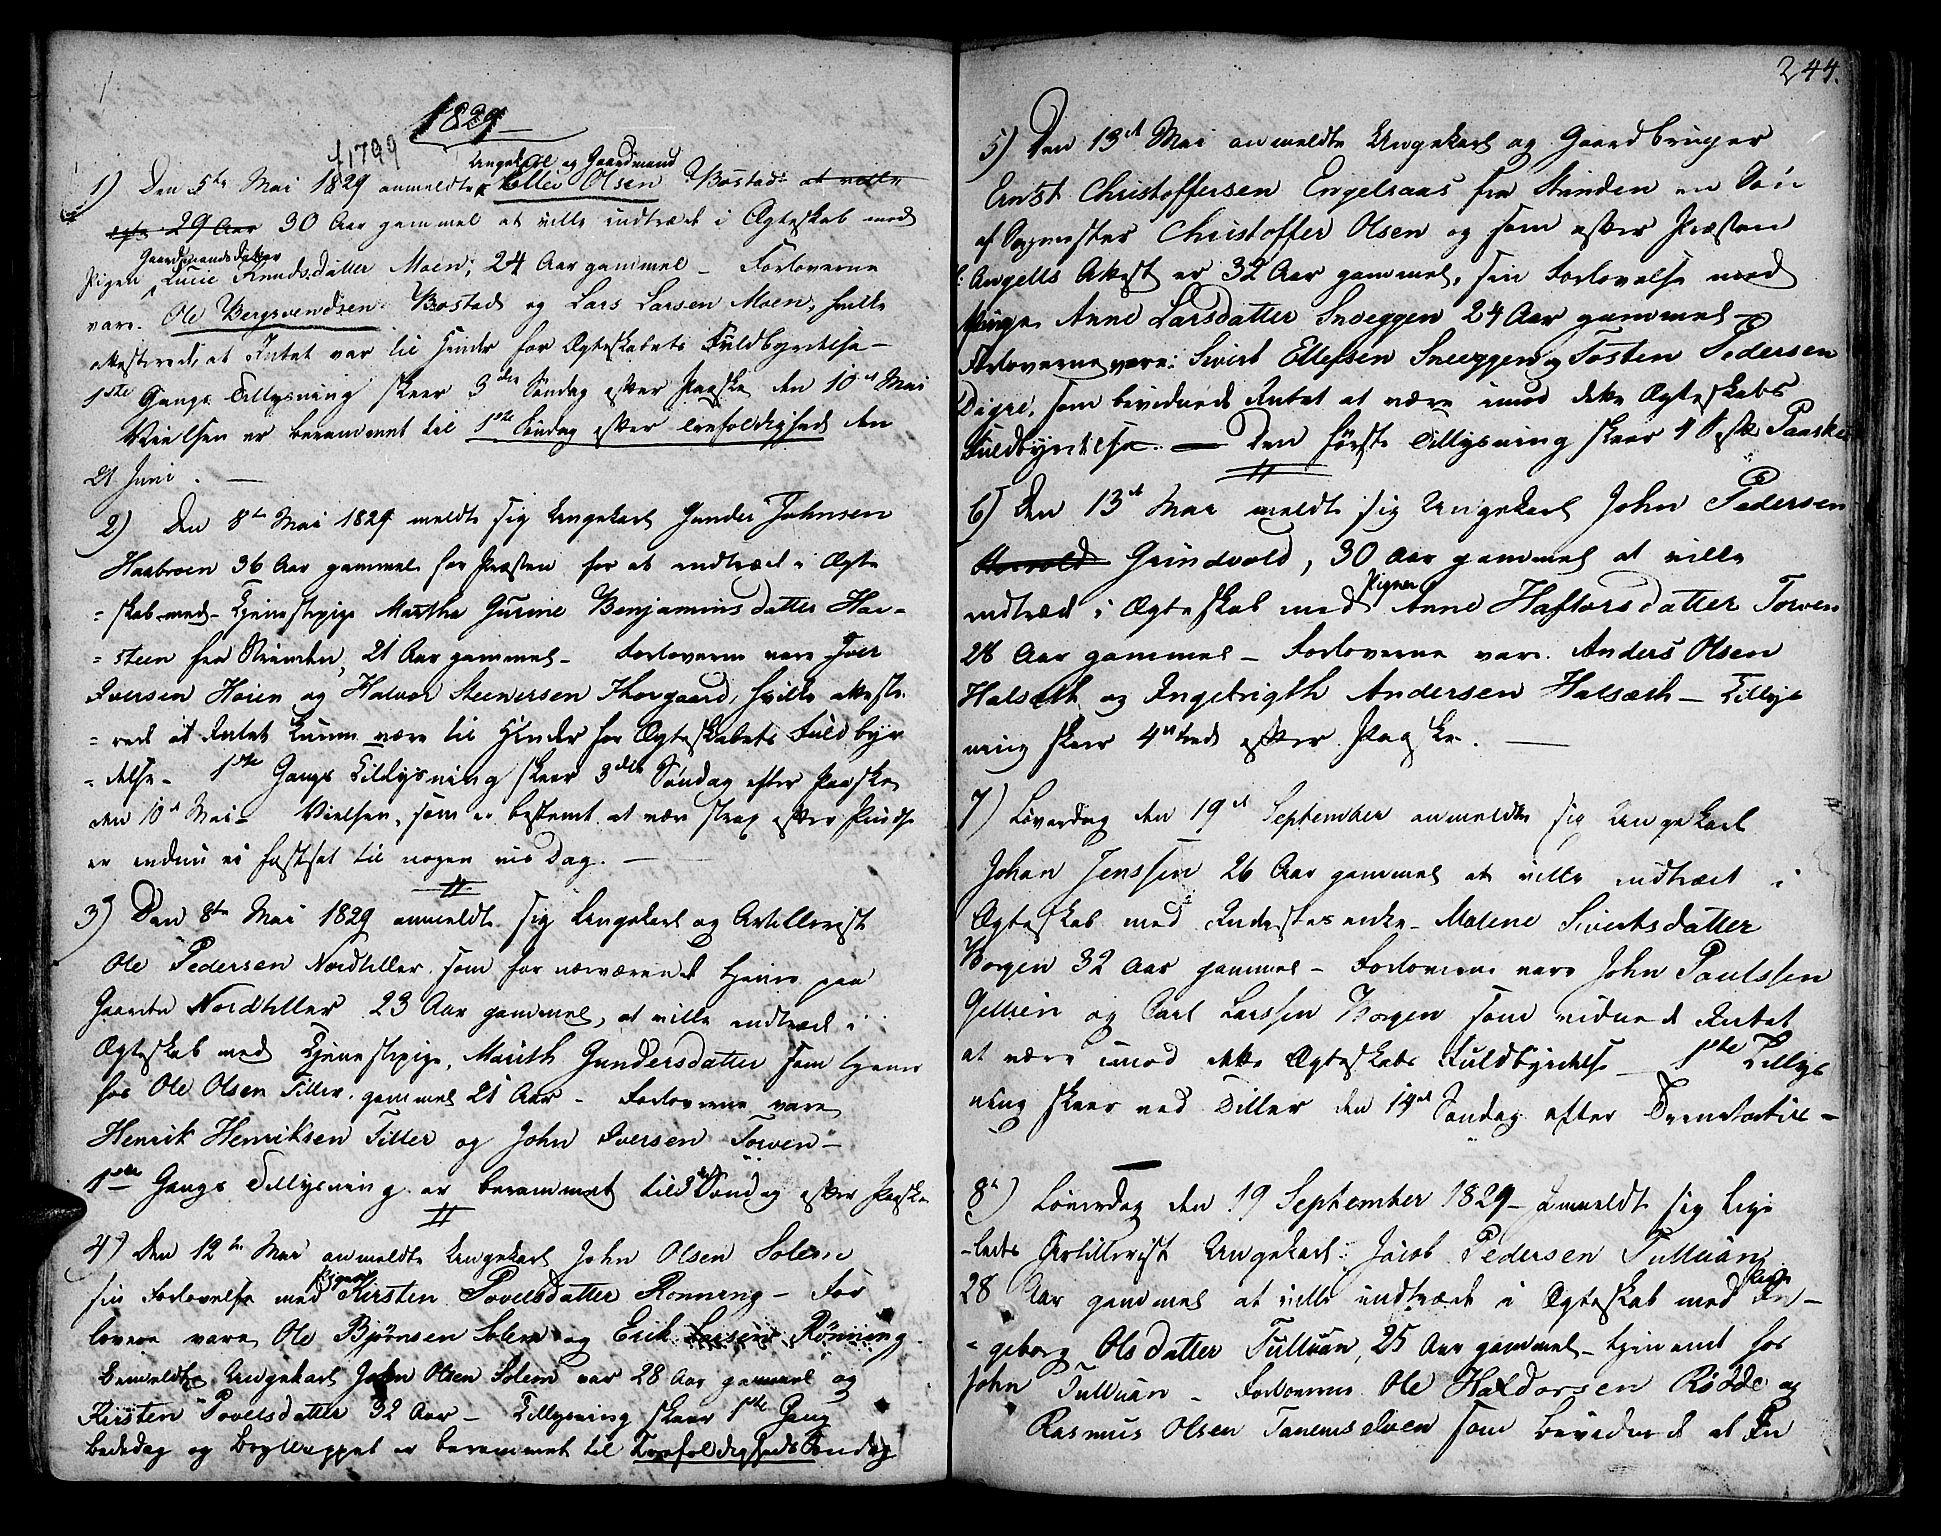 SAT, Ministerialprotokoller, klokkerbøker og fødselsregistre - Sør-Trøndelag, 618/L0438: Ministerialbok nr. 618A03, 1783-1815, s. 244